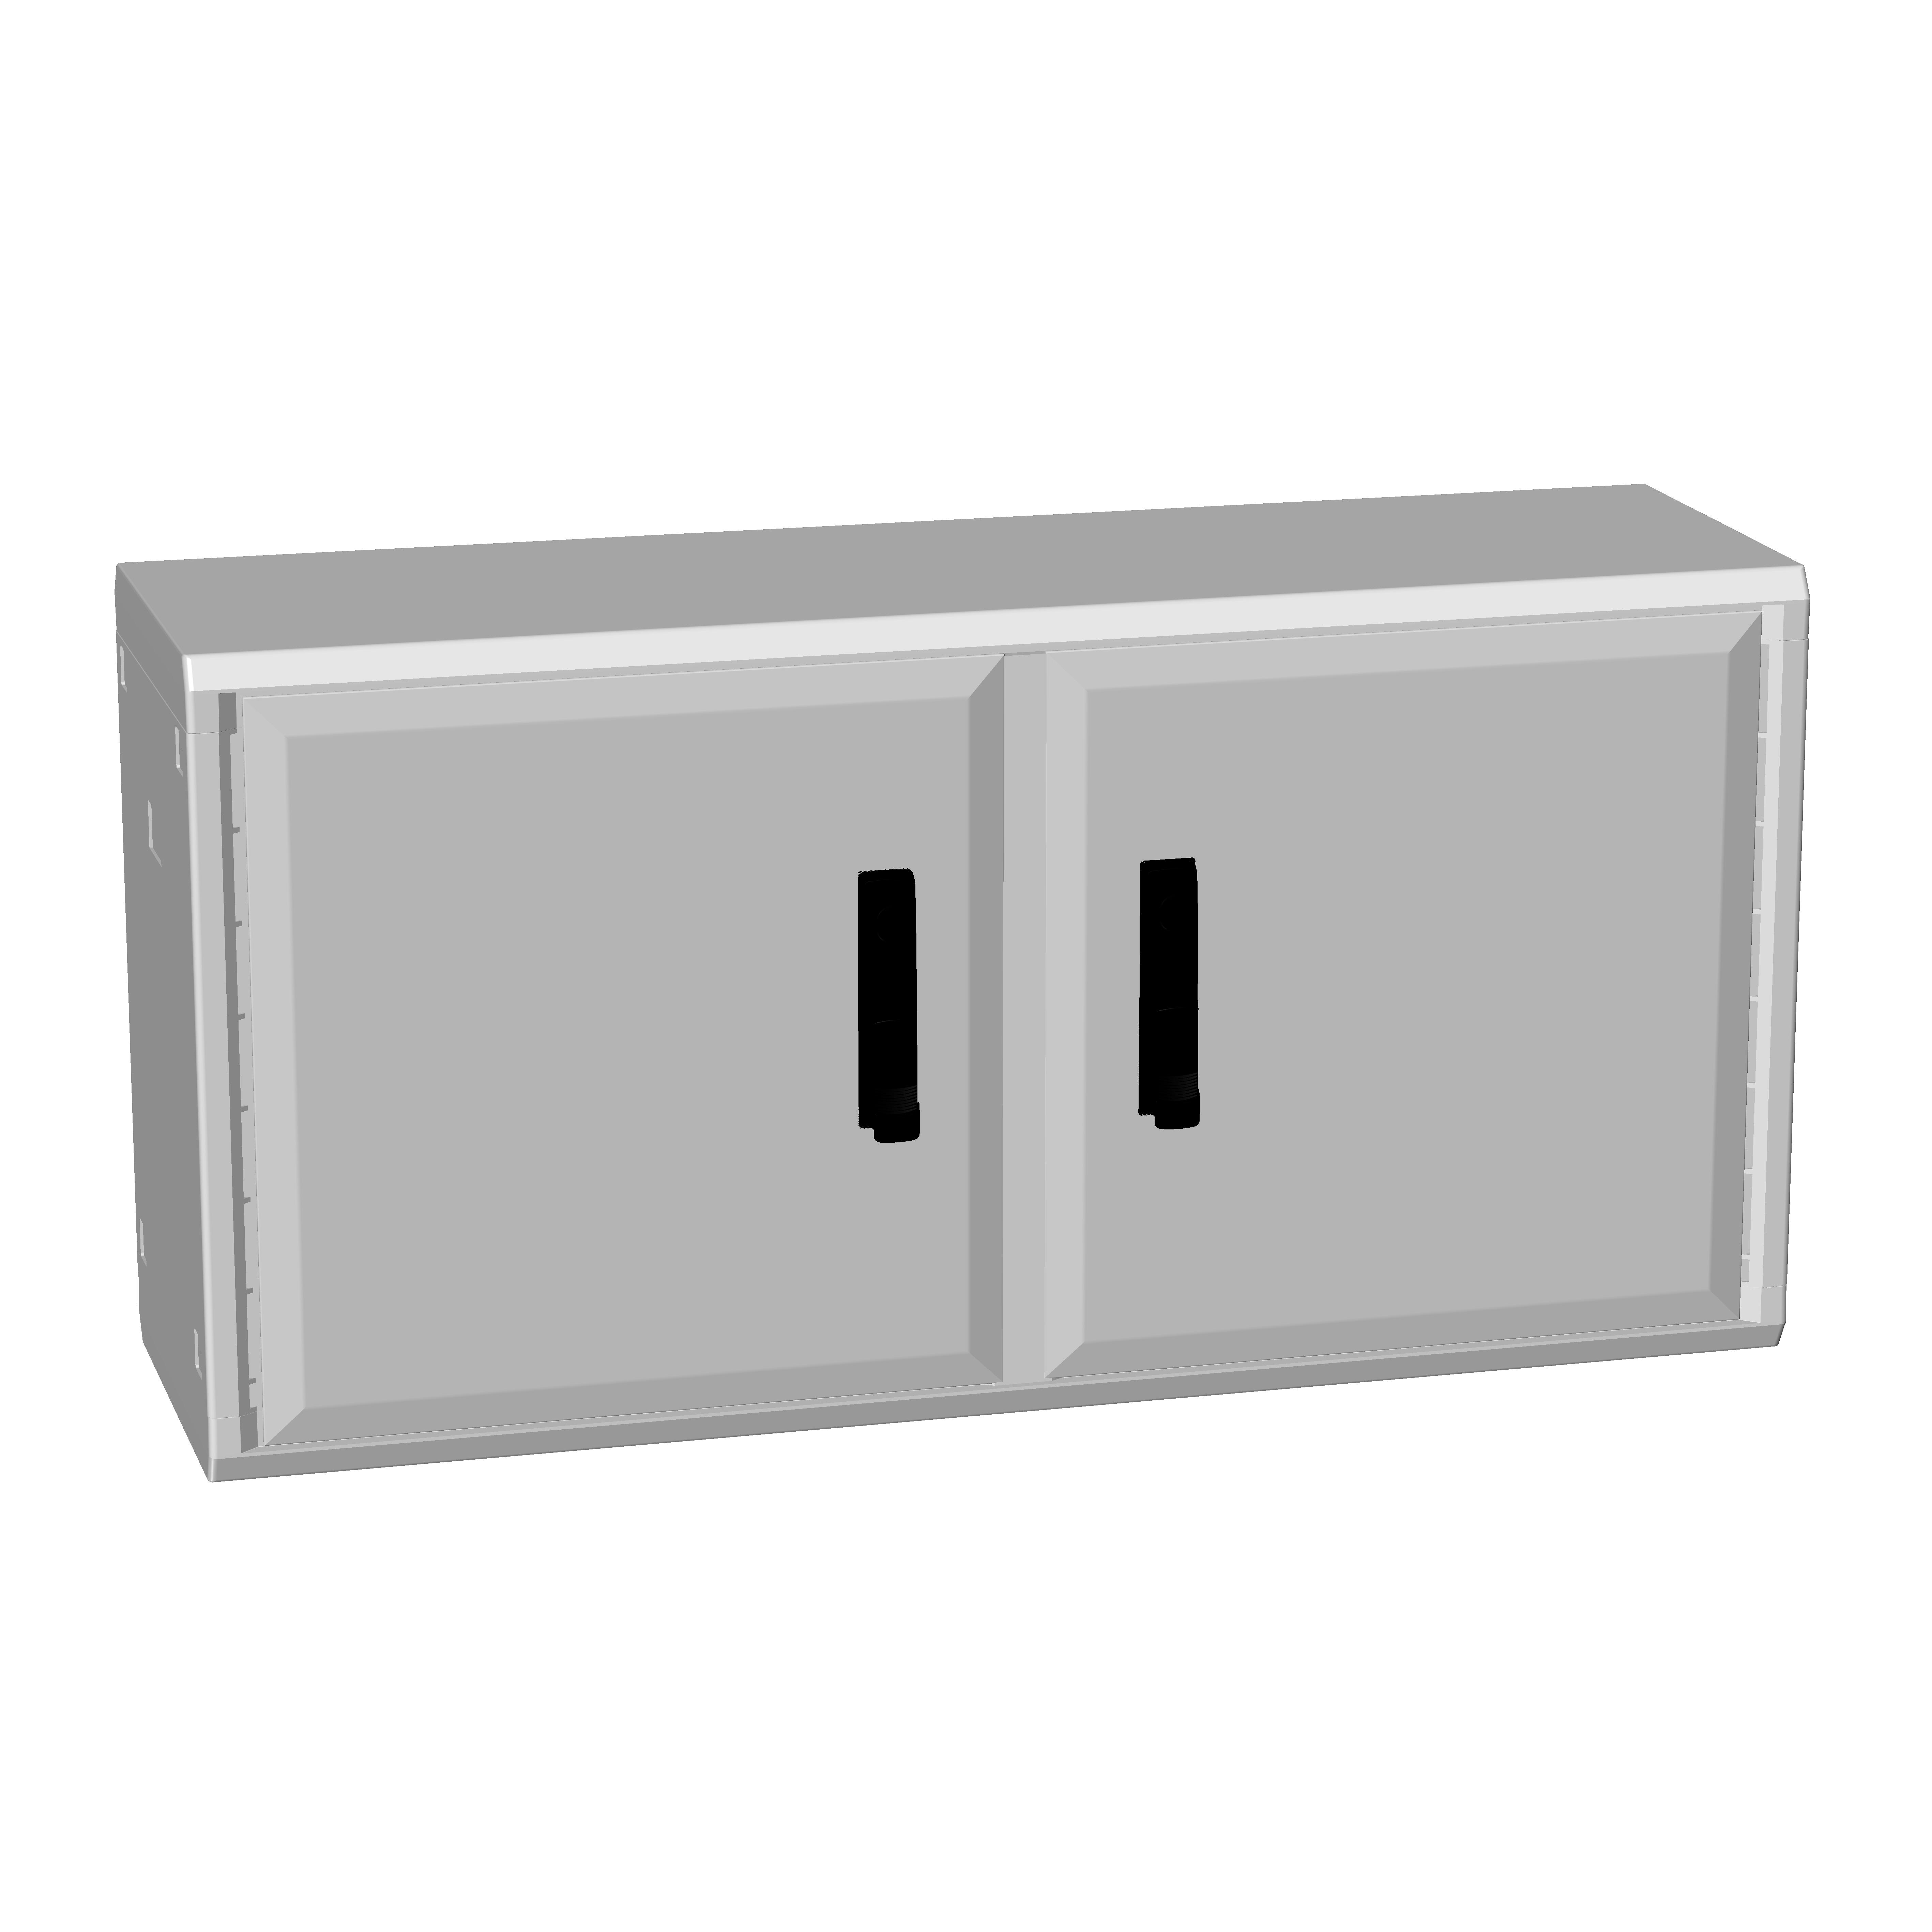 1 Stk Polyesterschrank, zweitürig, 500x1000x312 POCC2432--